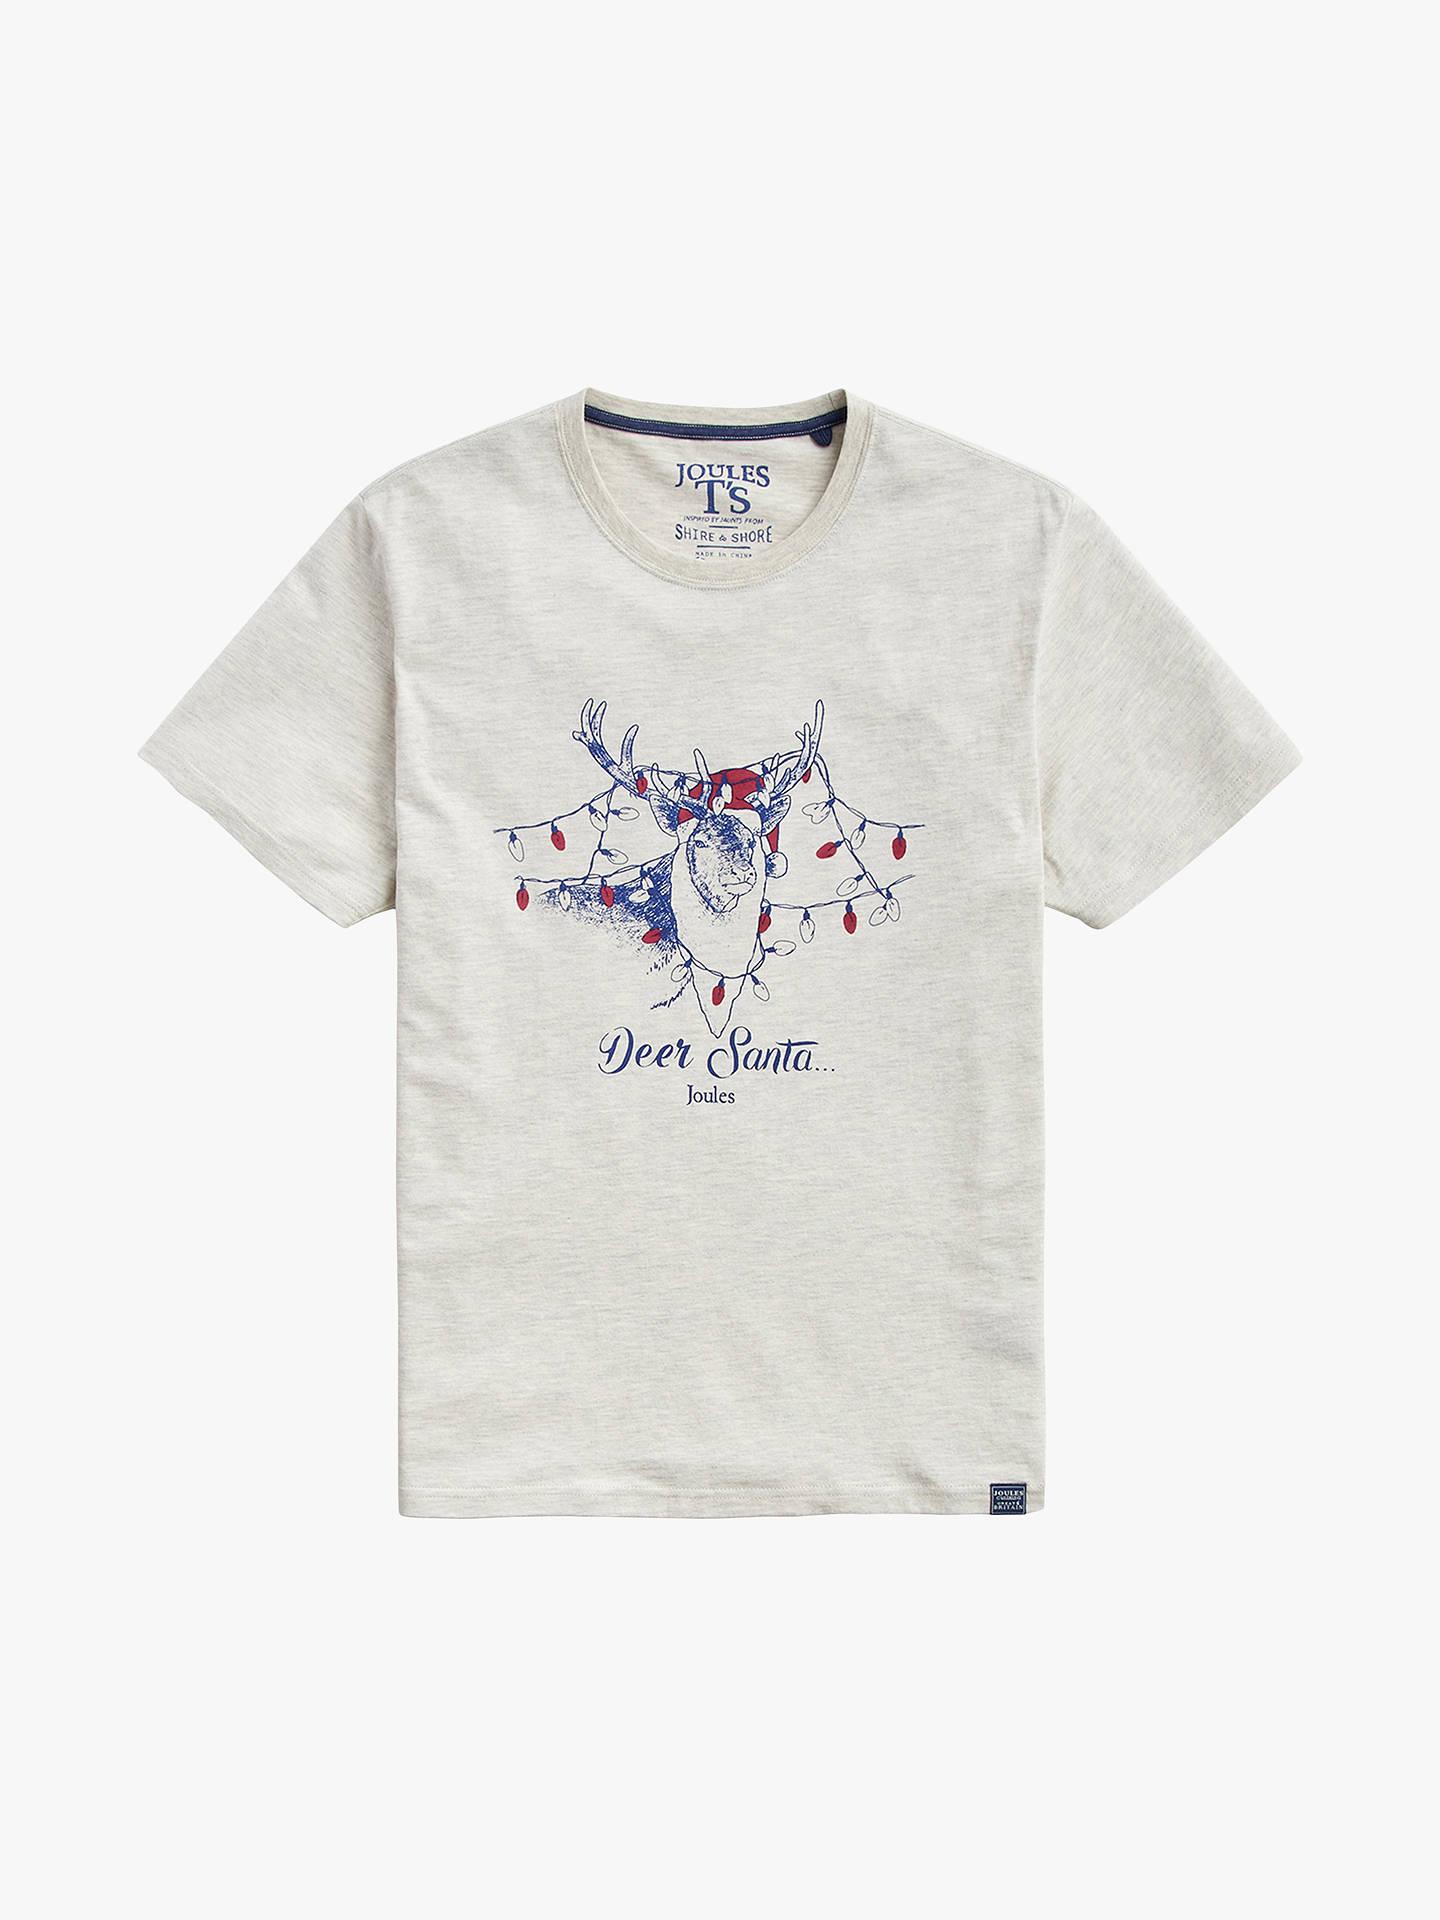 2b41636ea5068 Buy Joules Deer Santa Christmas T-Shirt